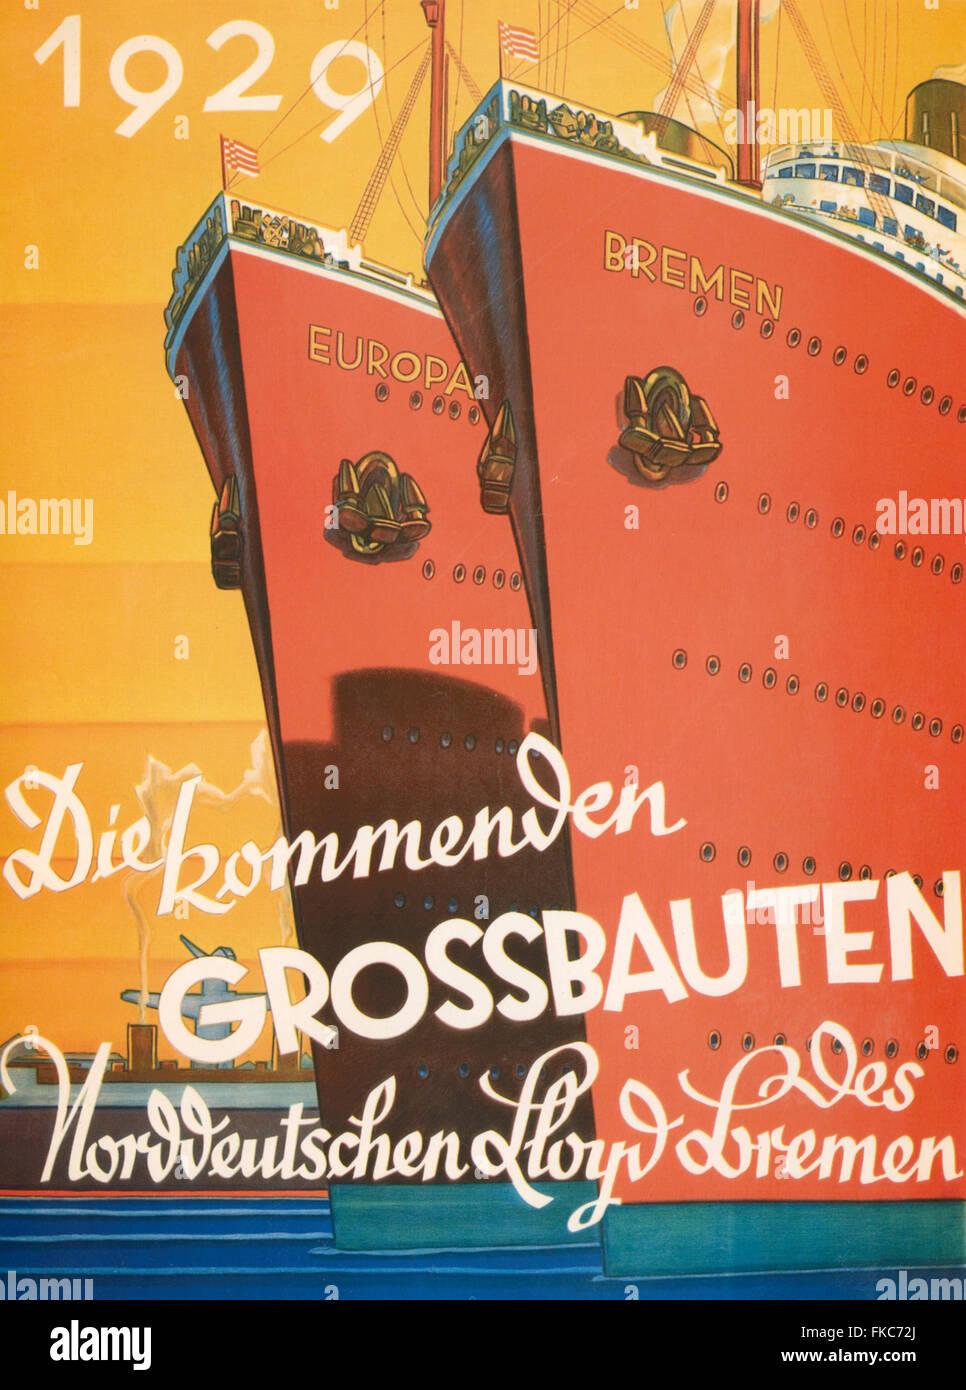 1920s UK Norddeutscher Lloyd Bremen Poster - Stock Image